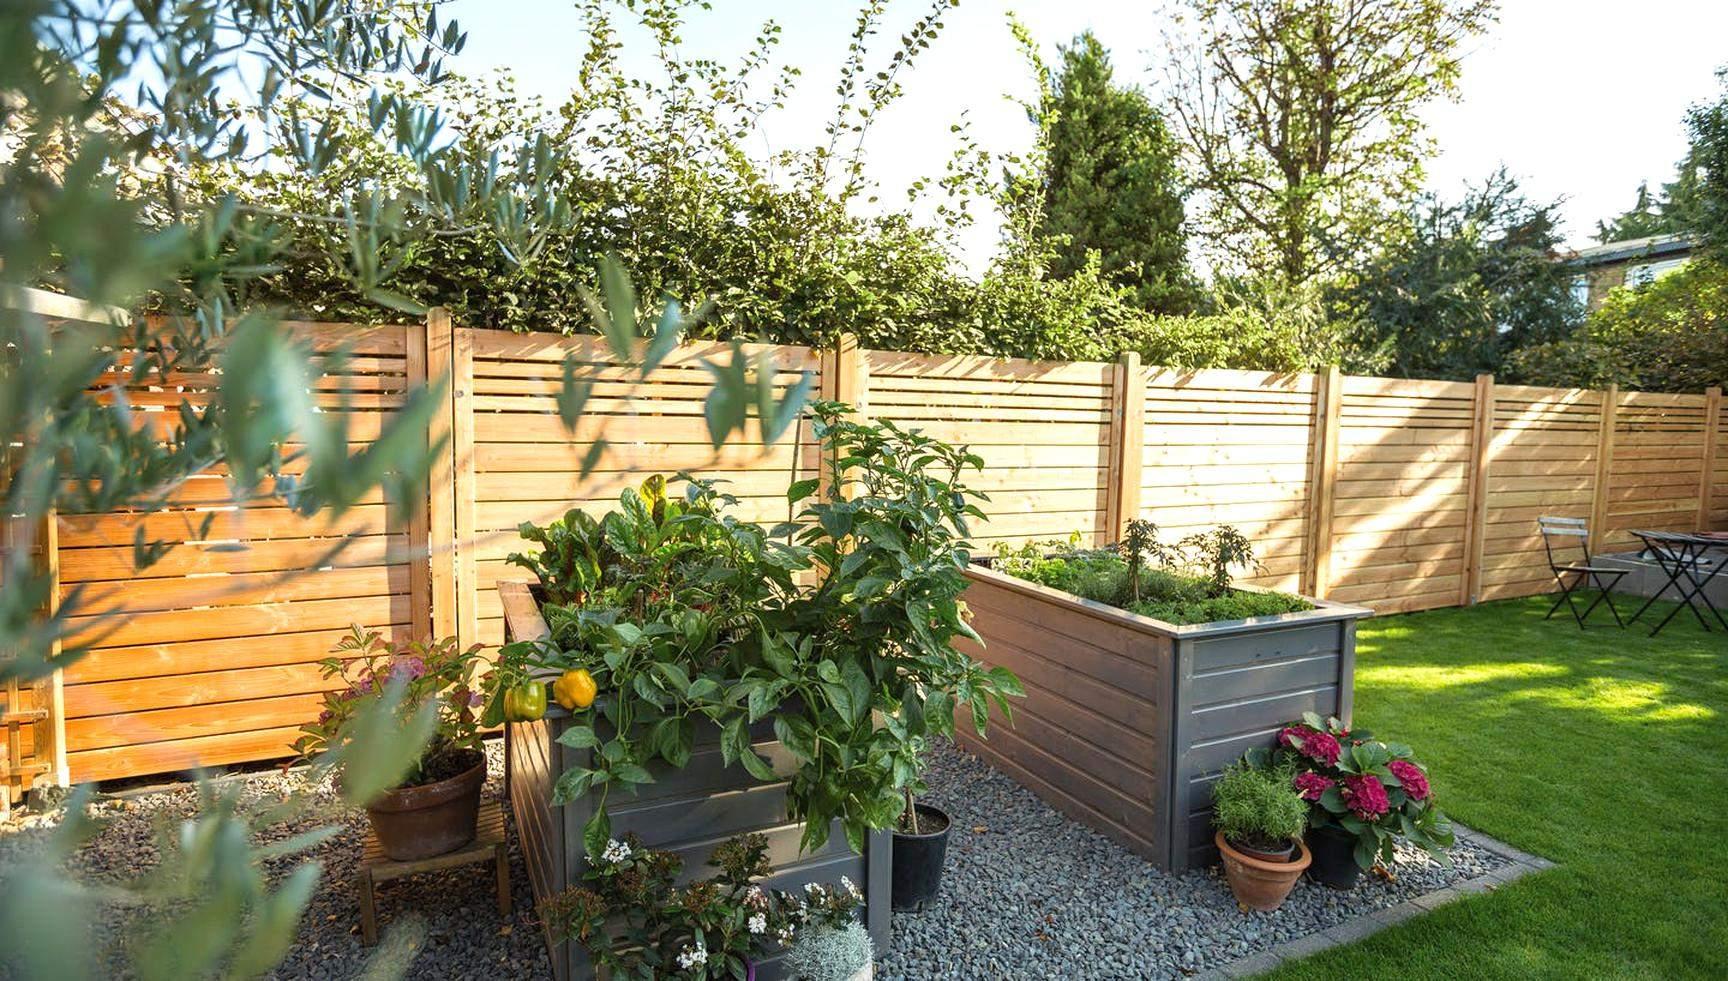 Garten Hochbeete Holzzaun Sichtschutz sichtschutz garten